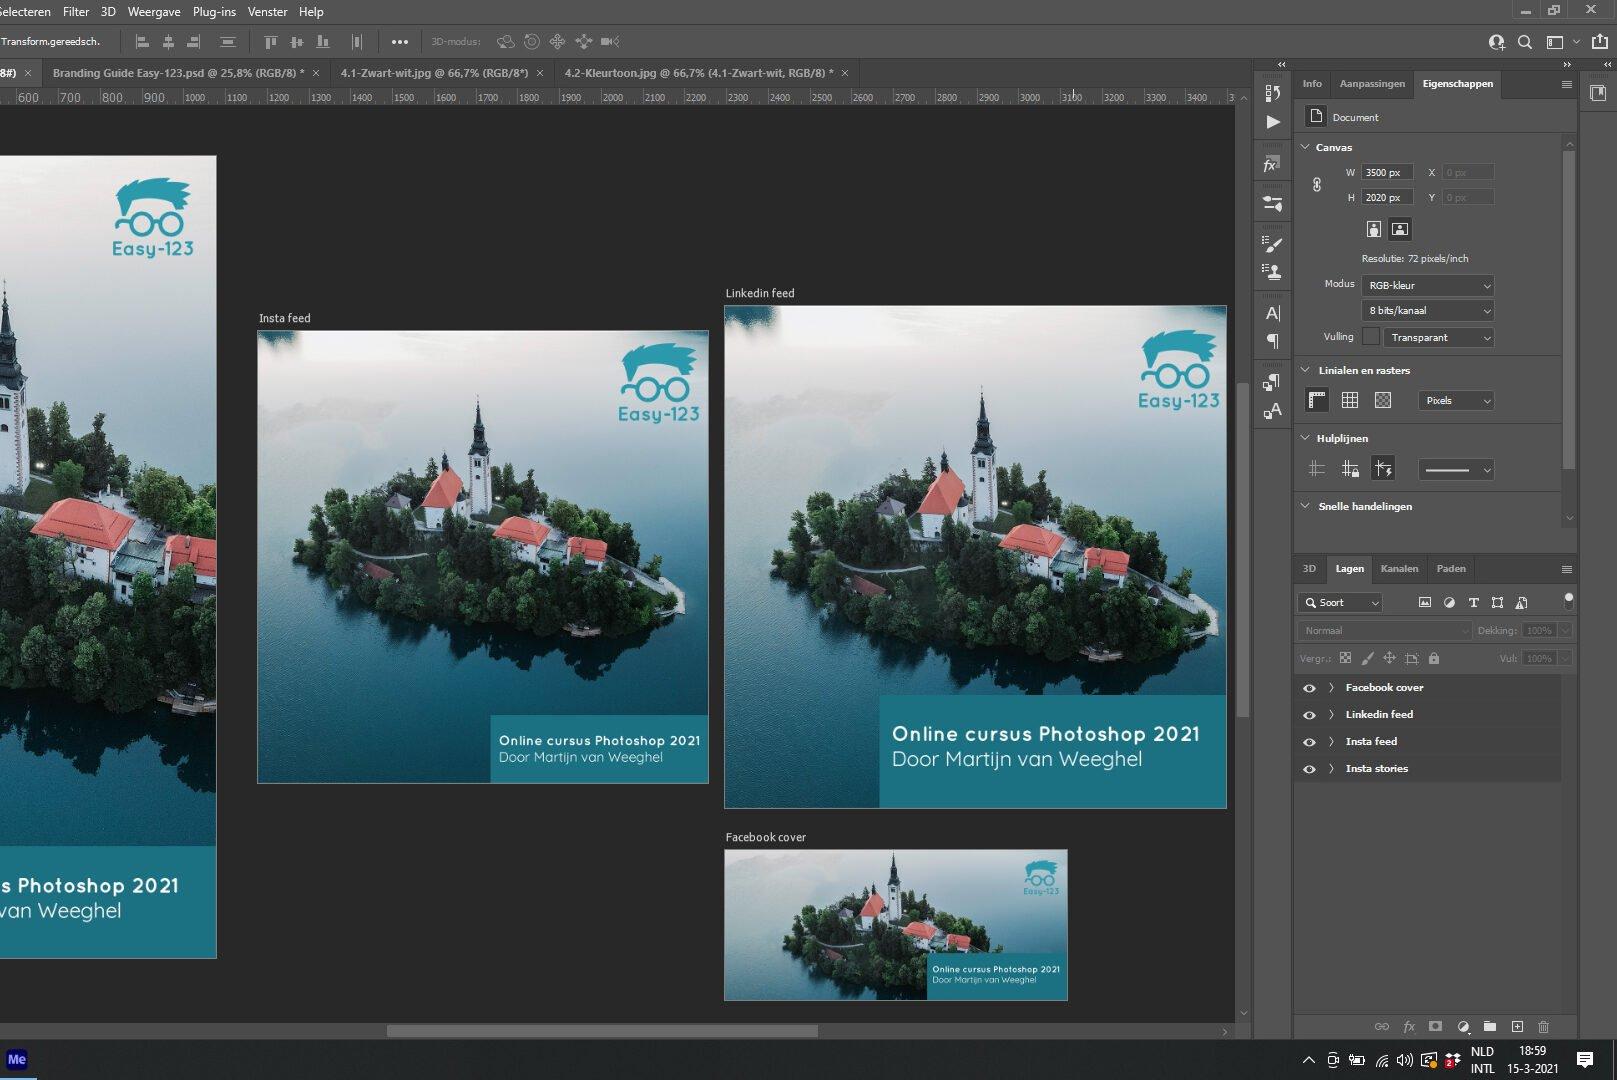 Online cursus Photoshop voor online marketing